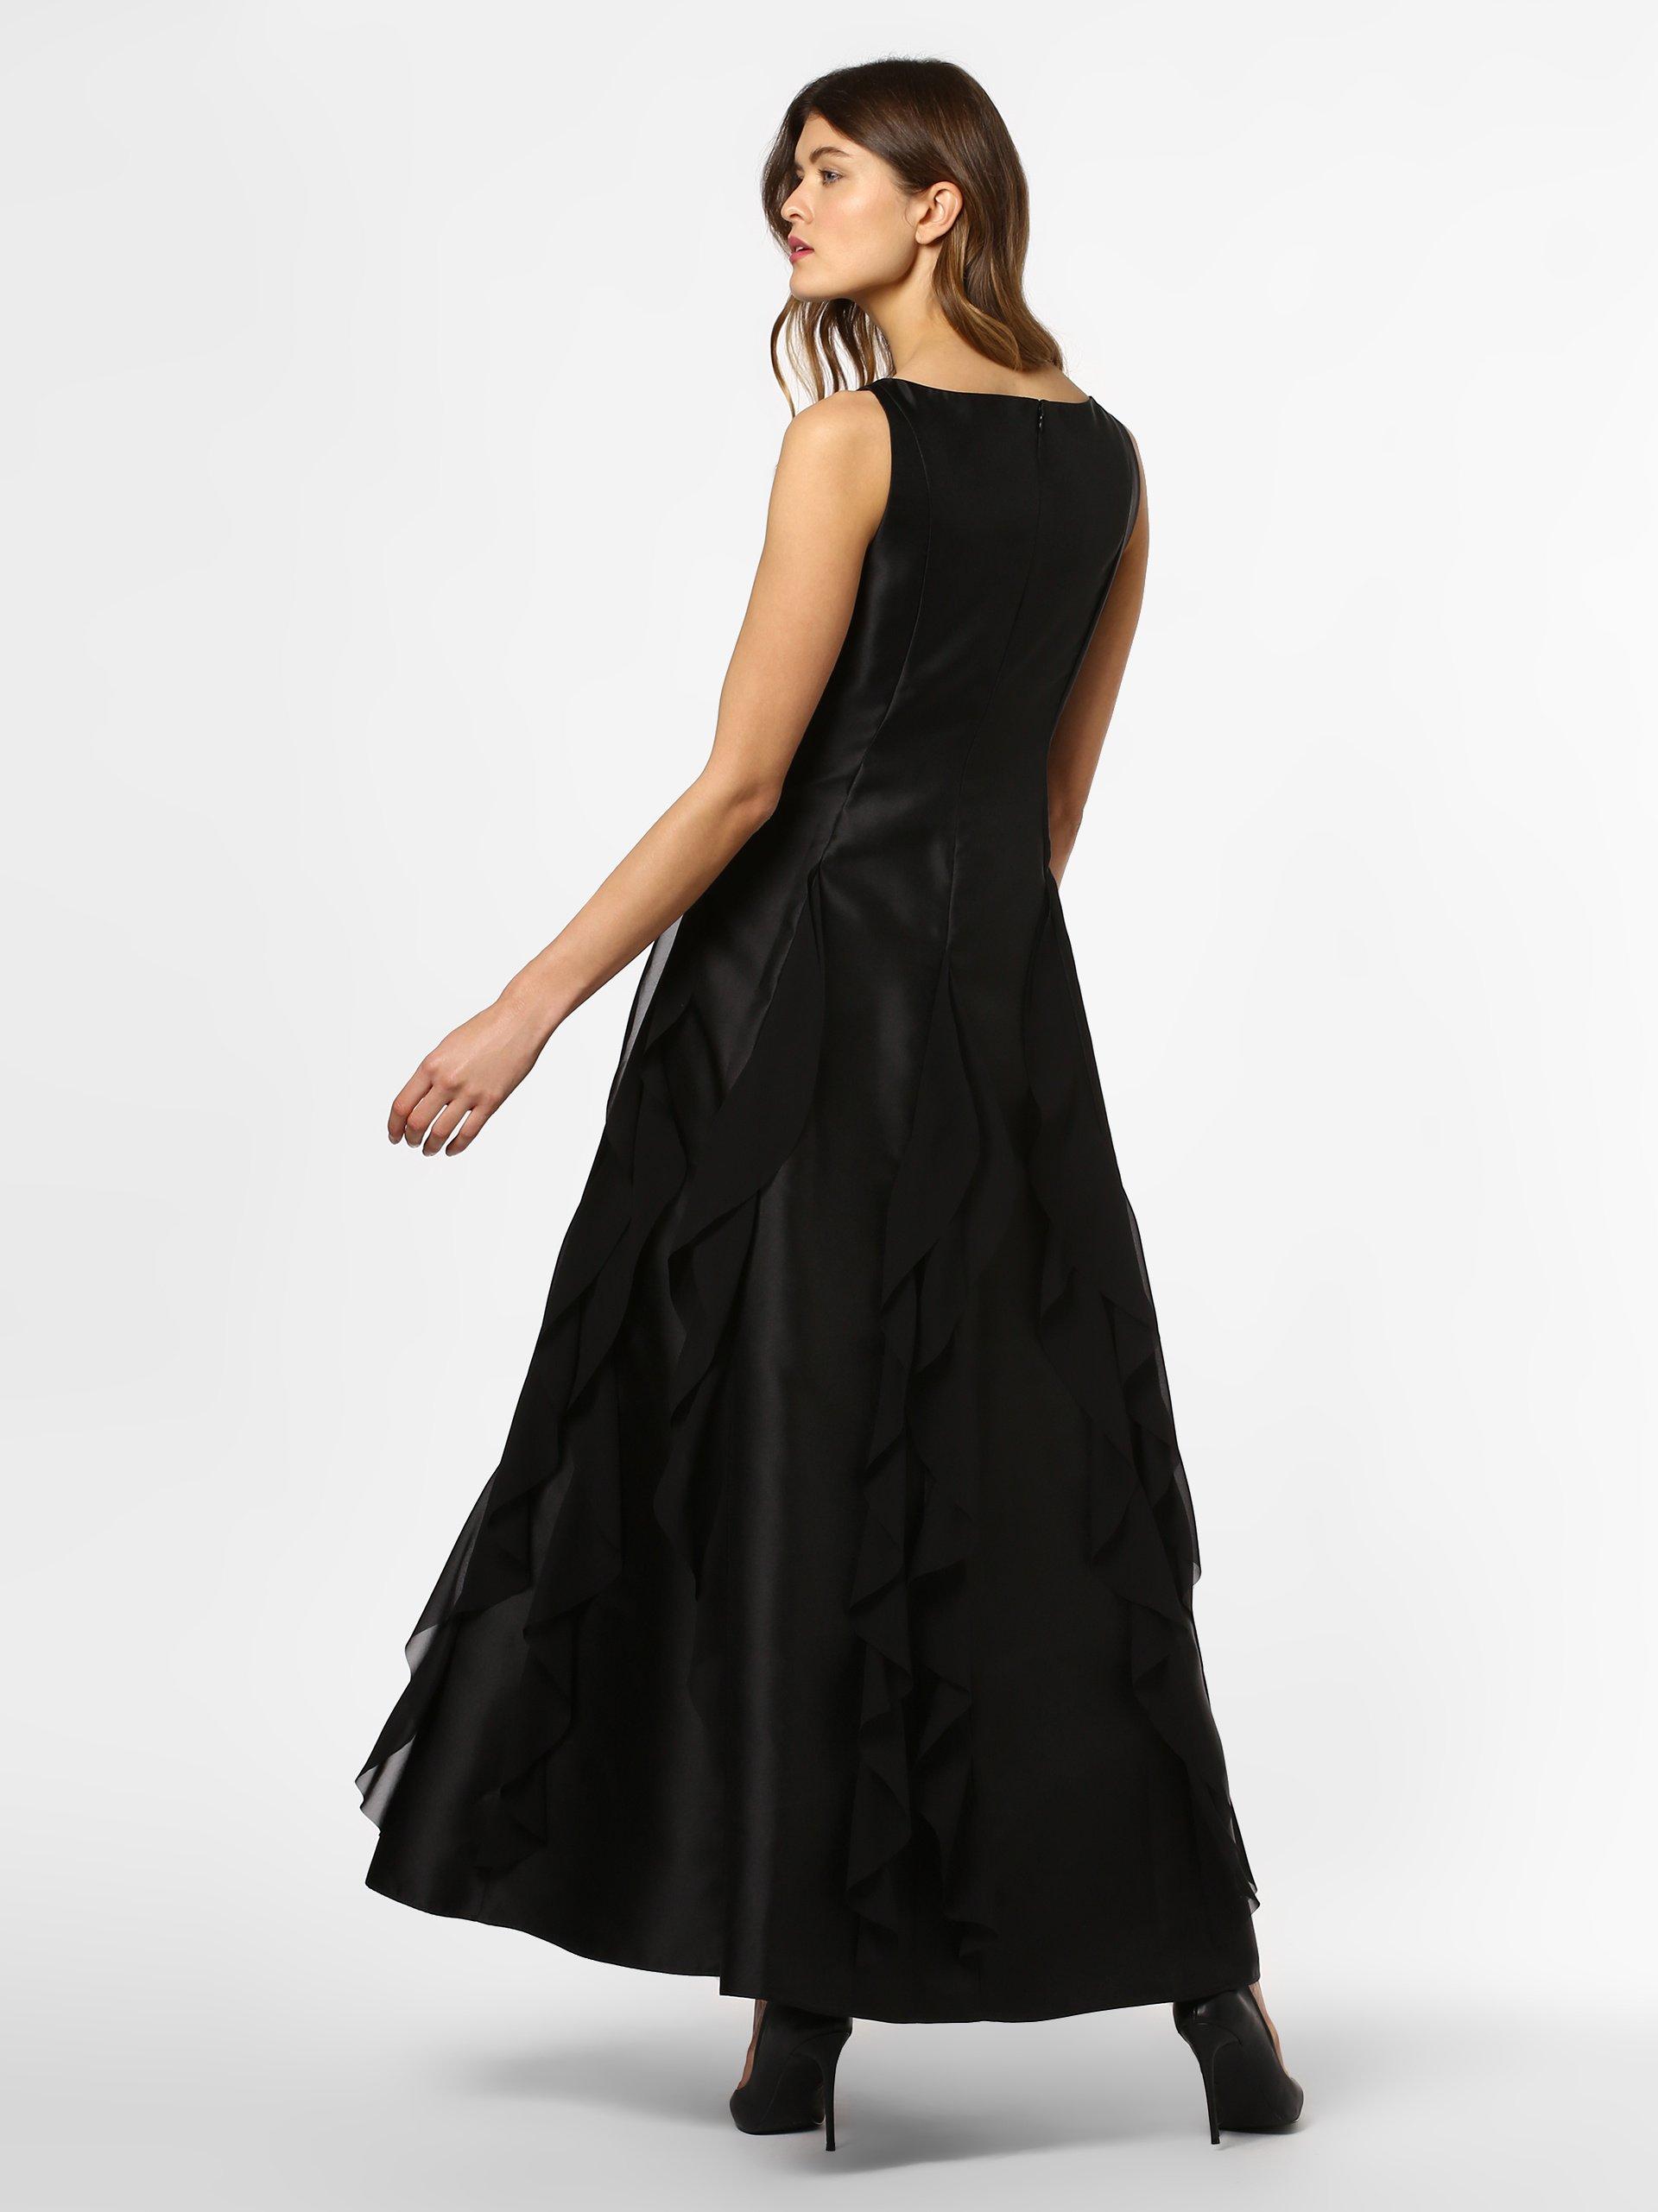 Adrianna Papell Damen Abendkleid